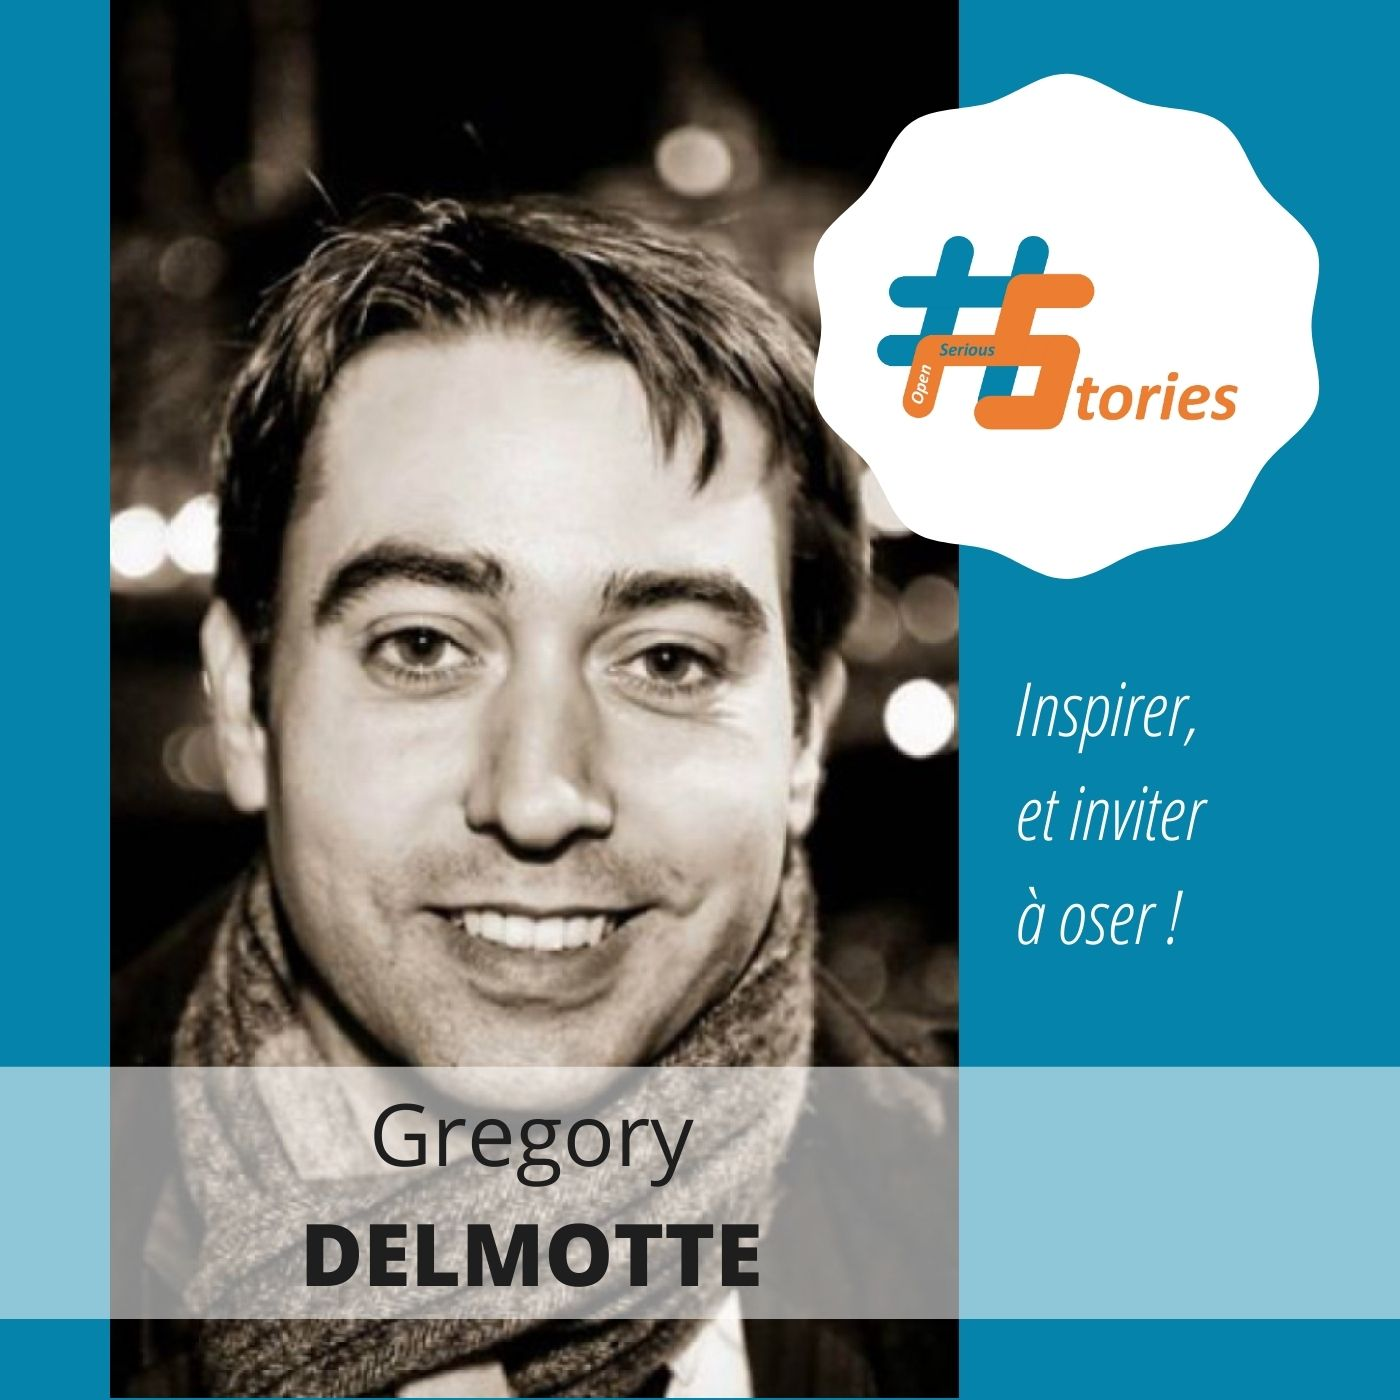 Le retour d'expérience d'un animateur : Grégory Delmotte [Podcast – 9min]